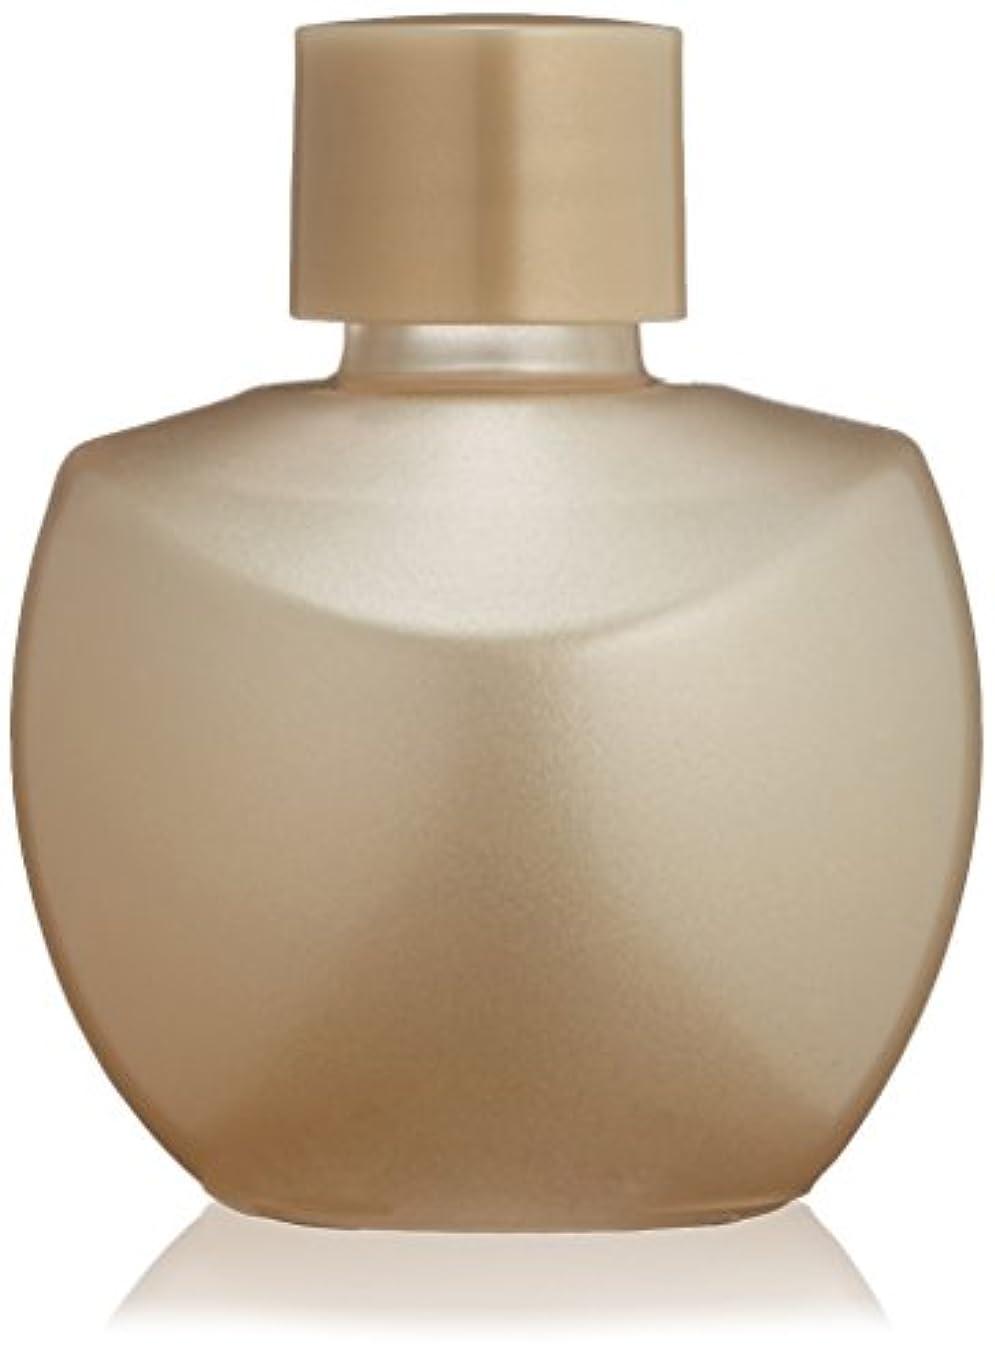 思春期一貫した男やもめエリクシール シュペリエル エンリッチドセラム CB 美容液 (つけかえ専用ボトル) 35mL